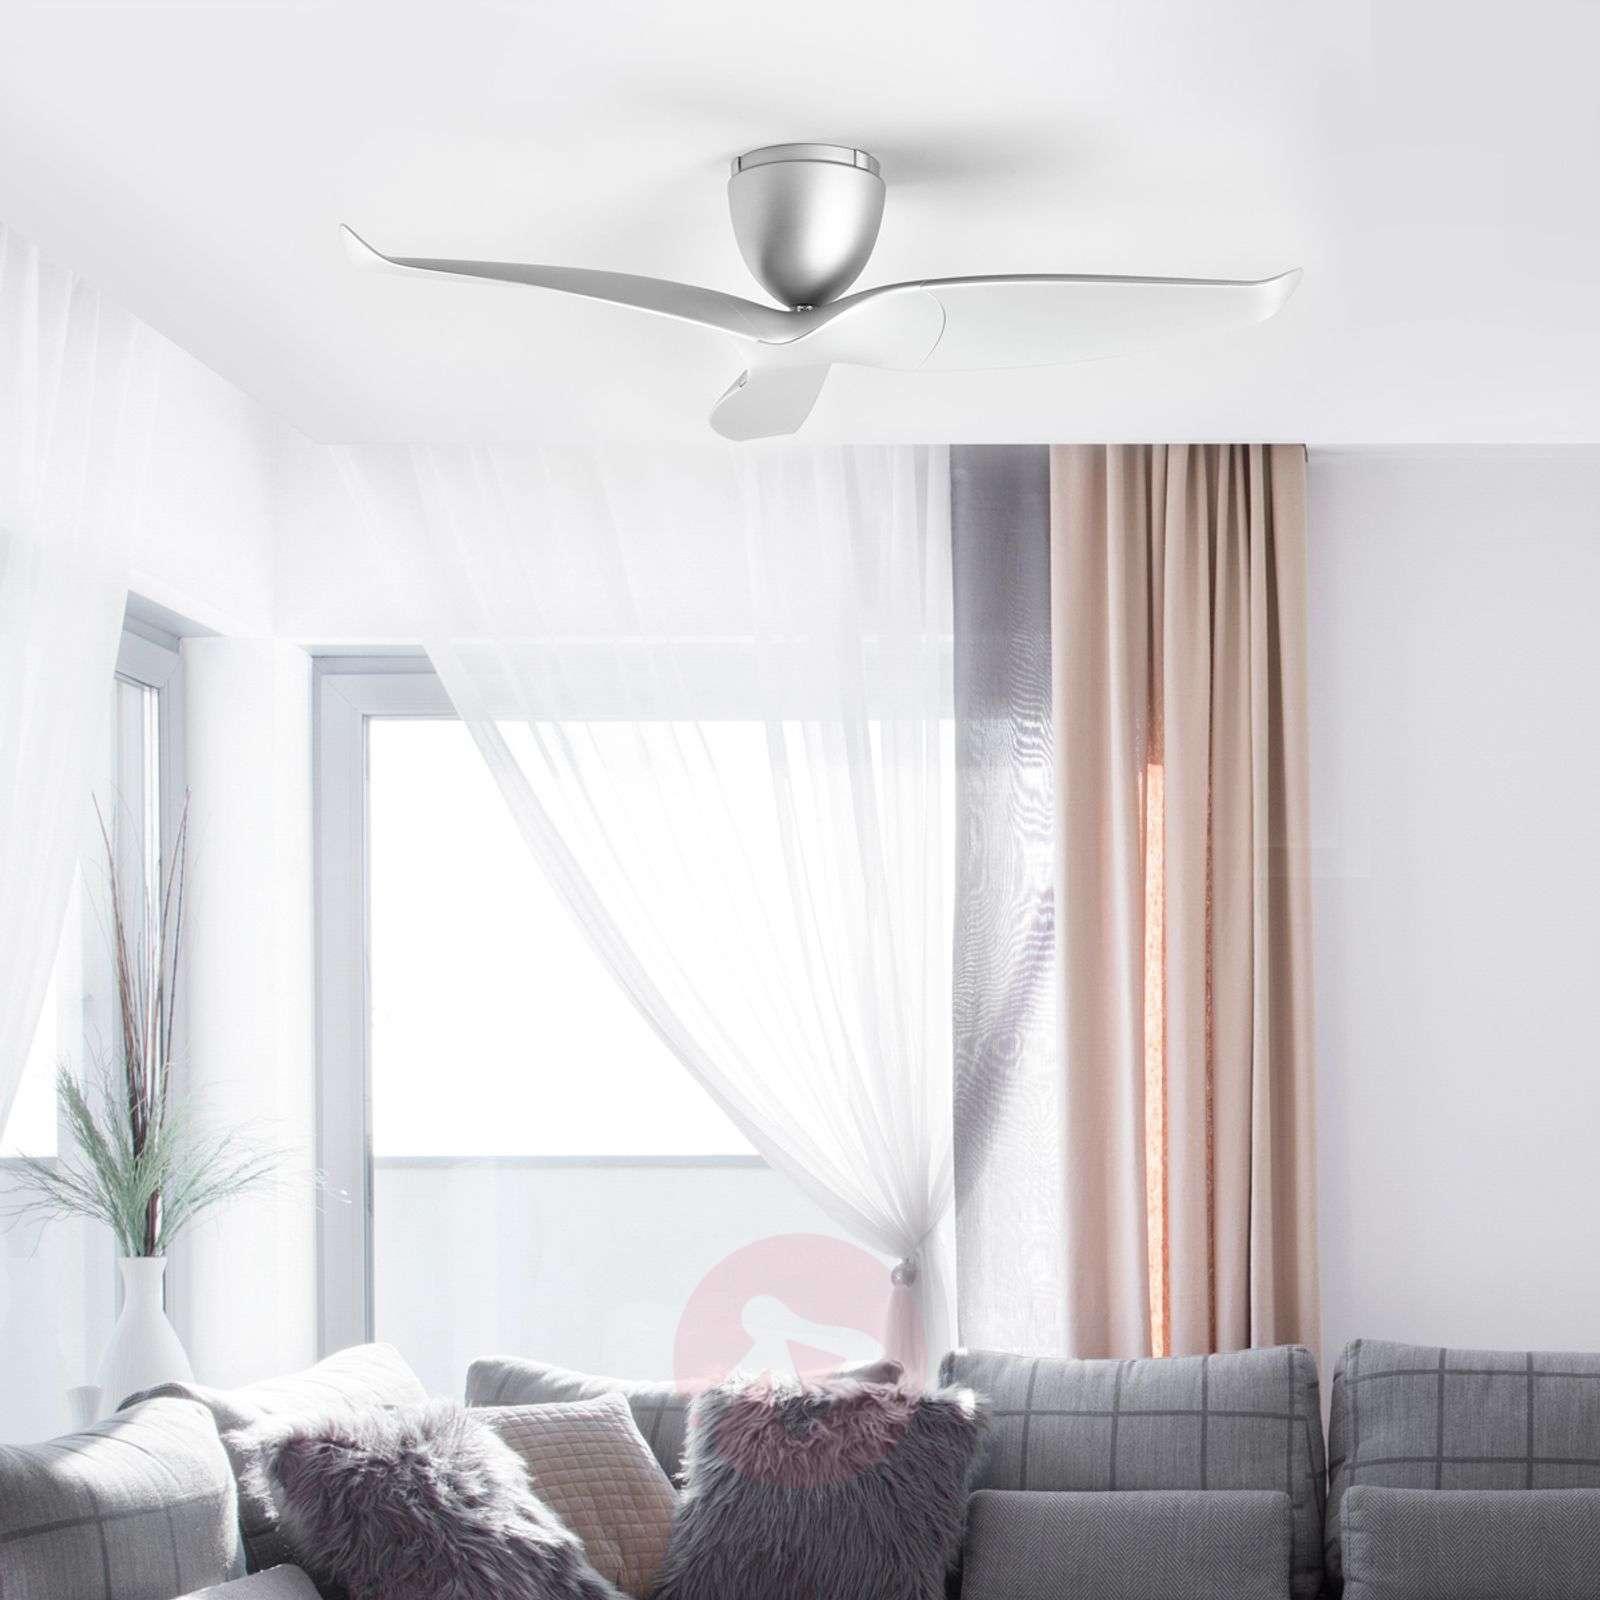 Three-blade ceiling fan Aeratron, silver-1068012-012